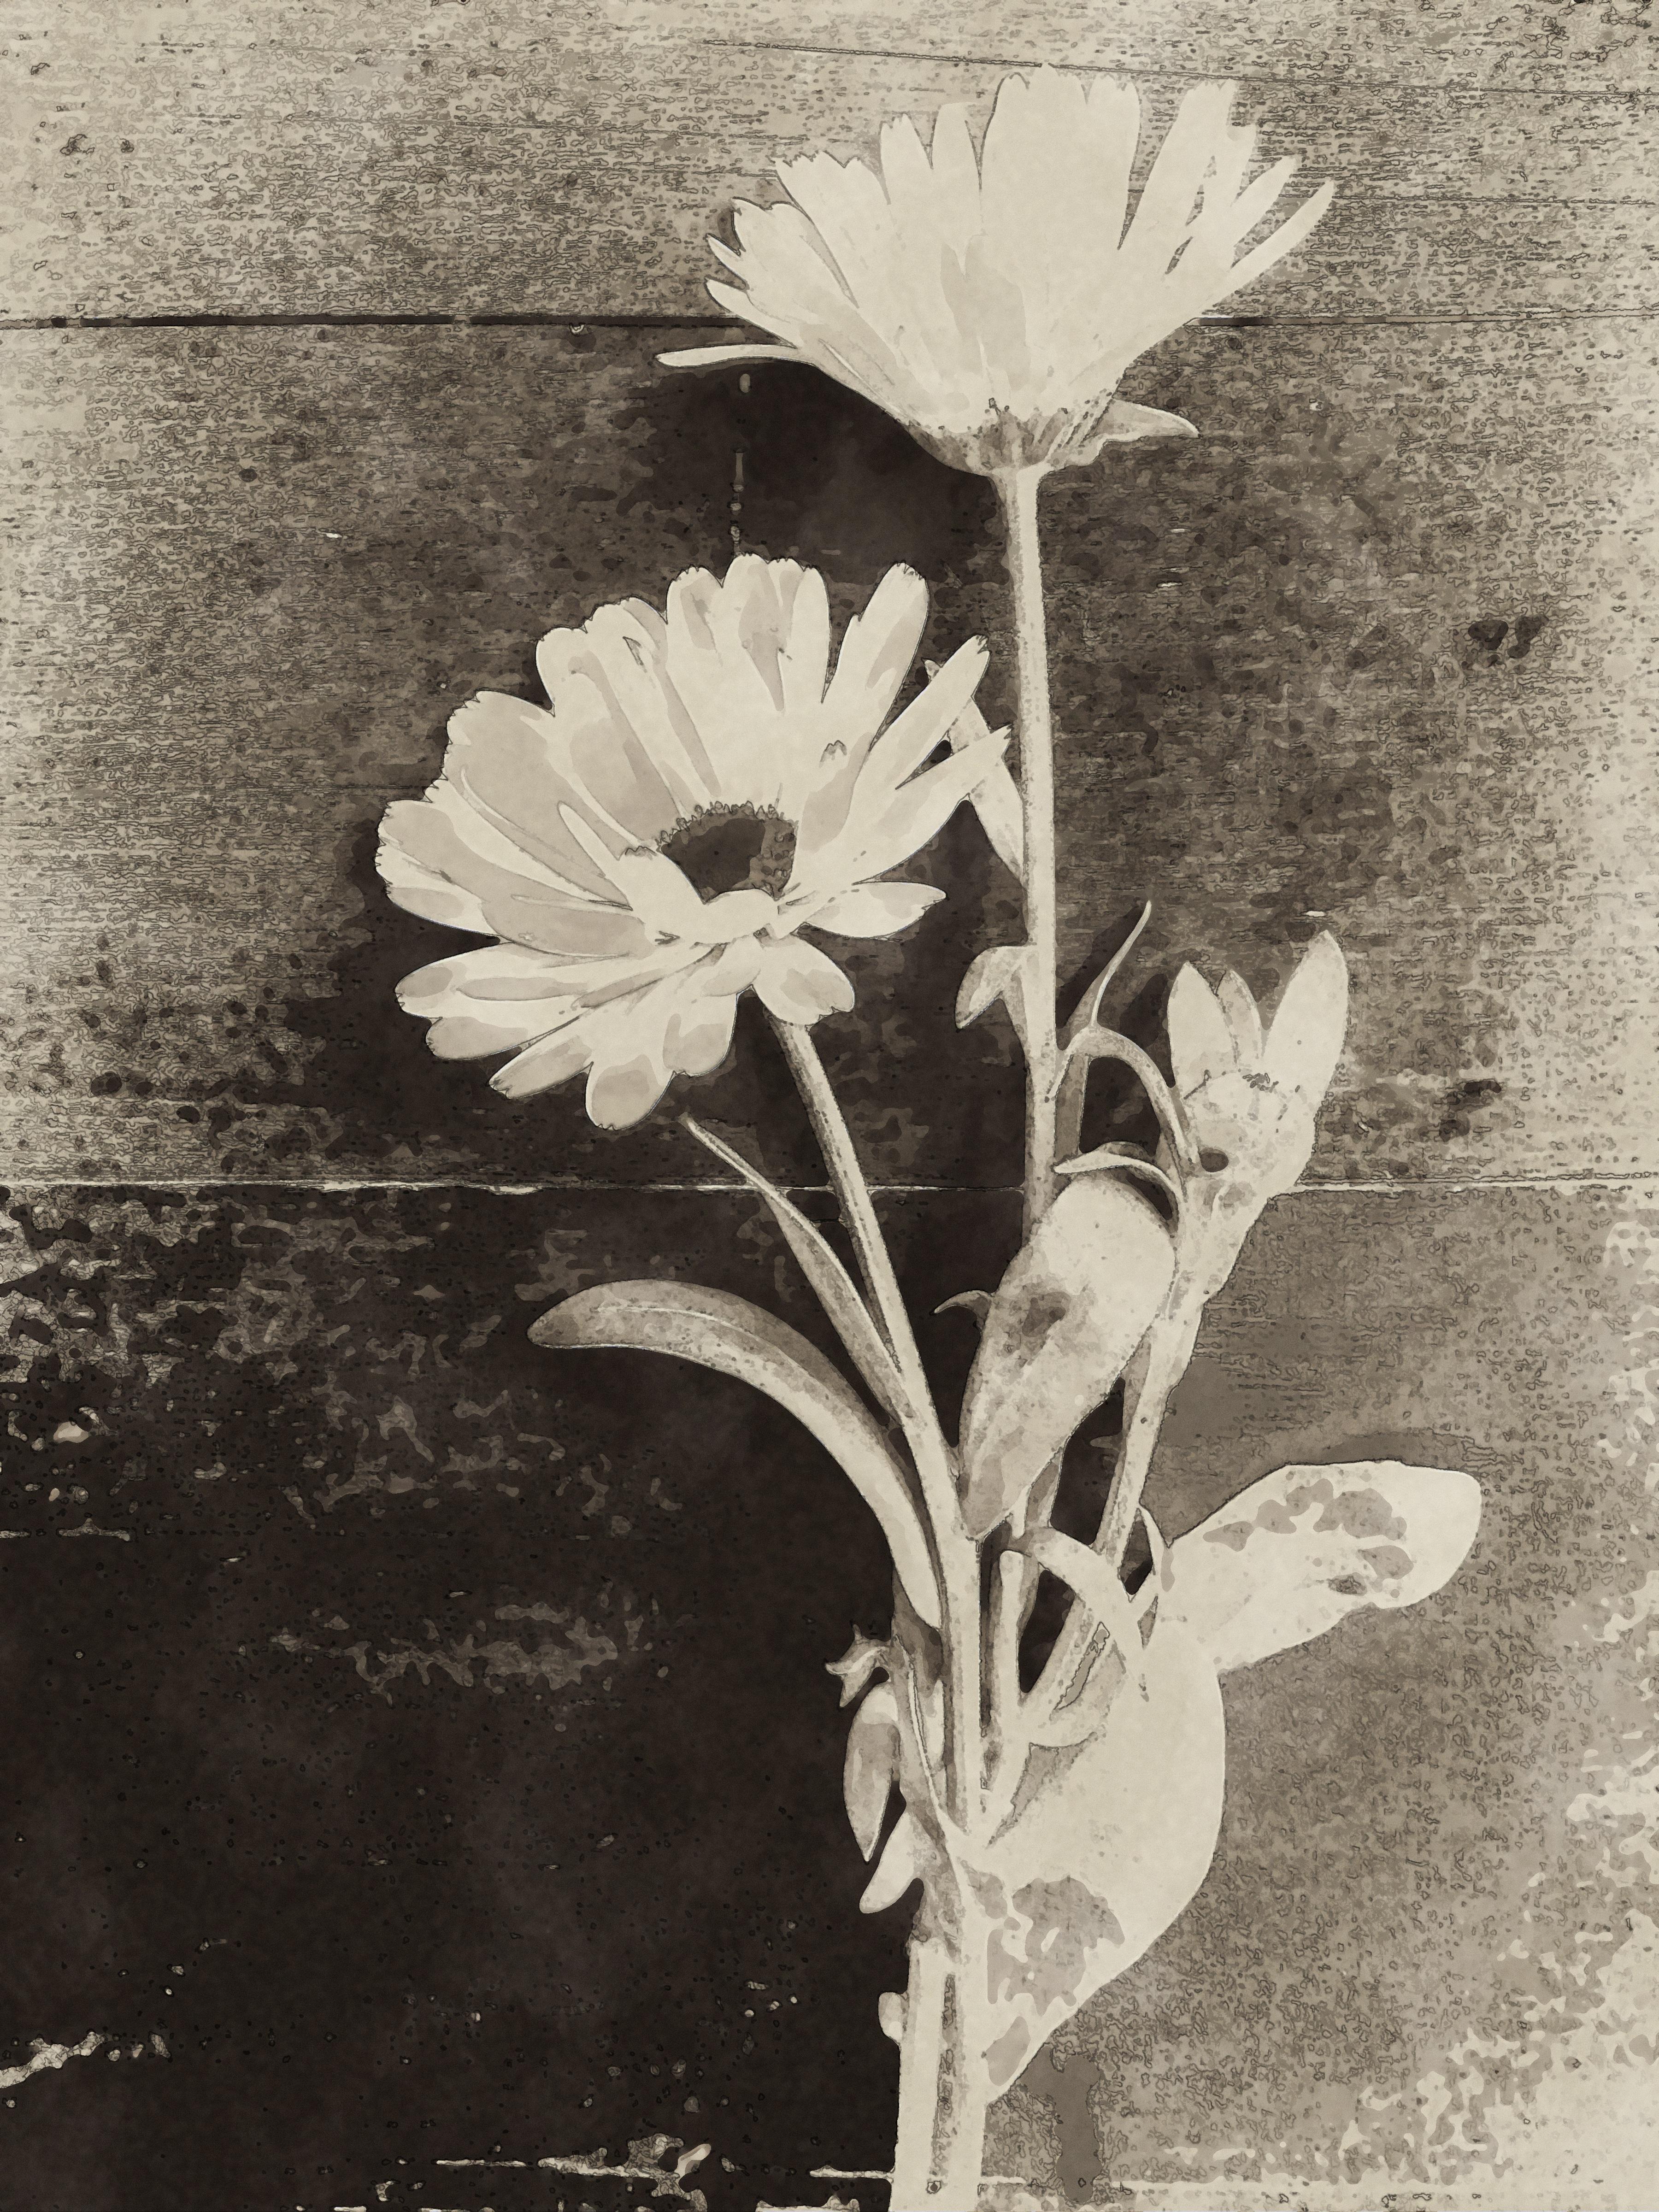 Gambar Alam Hitam Dan Putih Menanam Daun Botani Satu